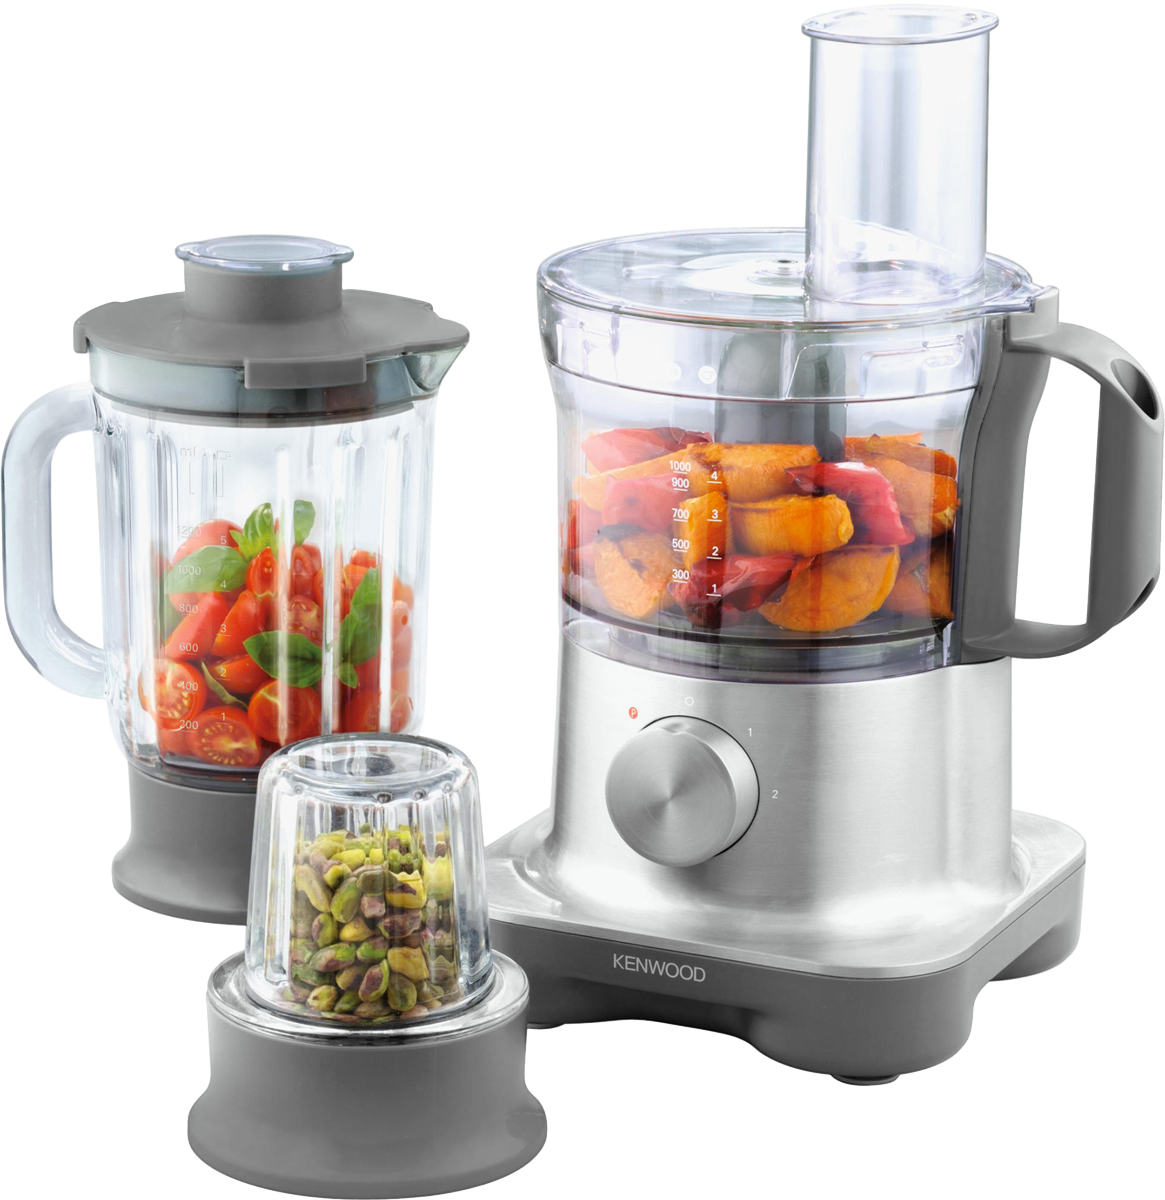 Kenwood multipro compact fpm260 robot de cuisine 750 w for Acheter ustensiles de cuisine